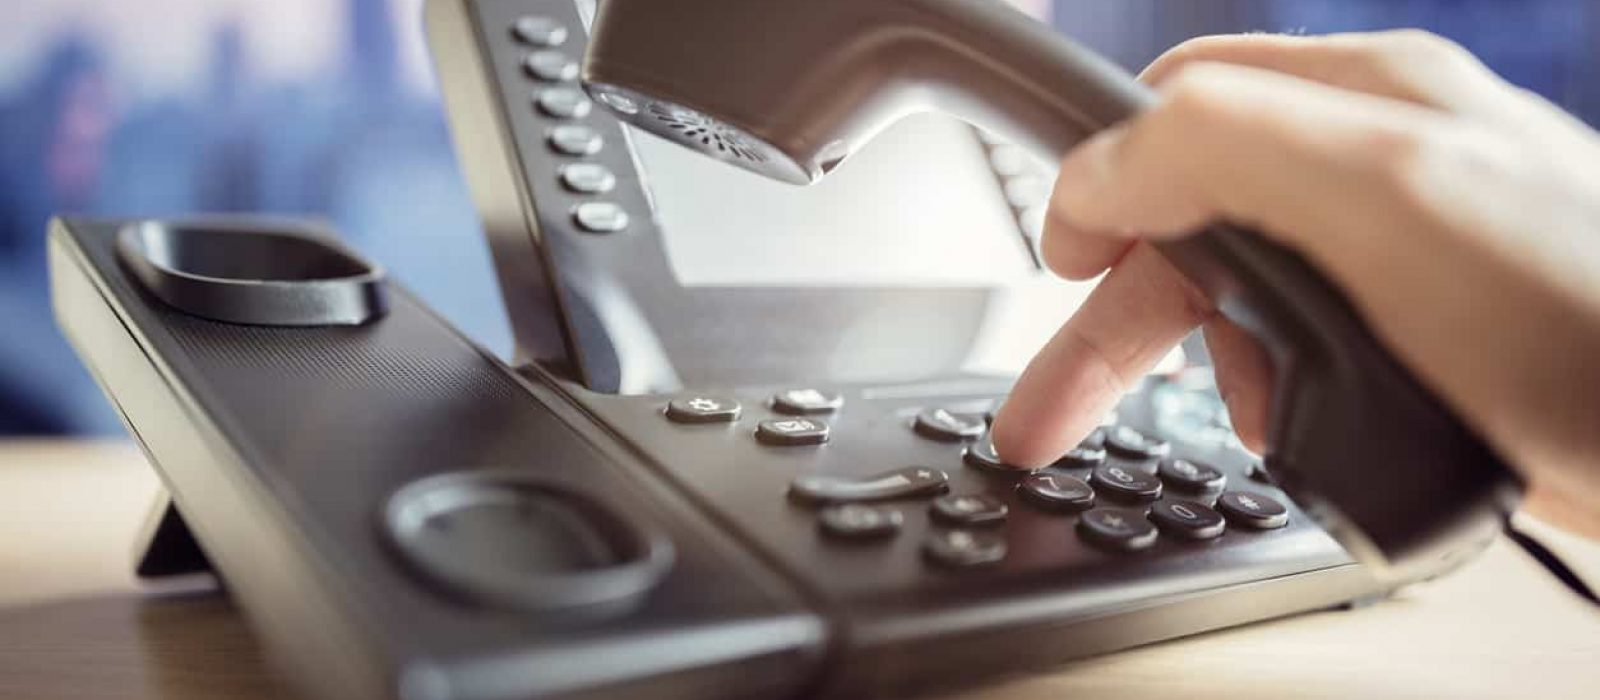 ten digit dialing requirements